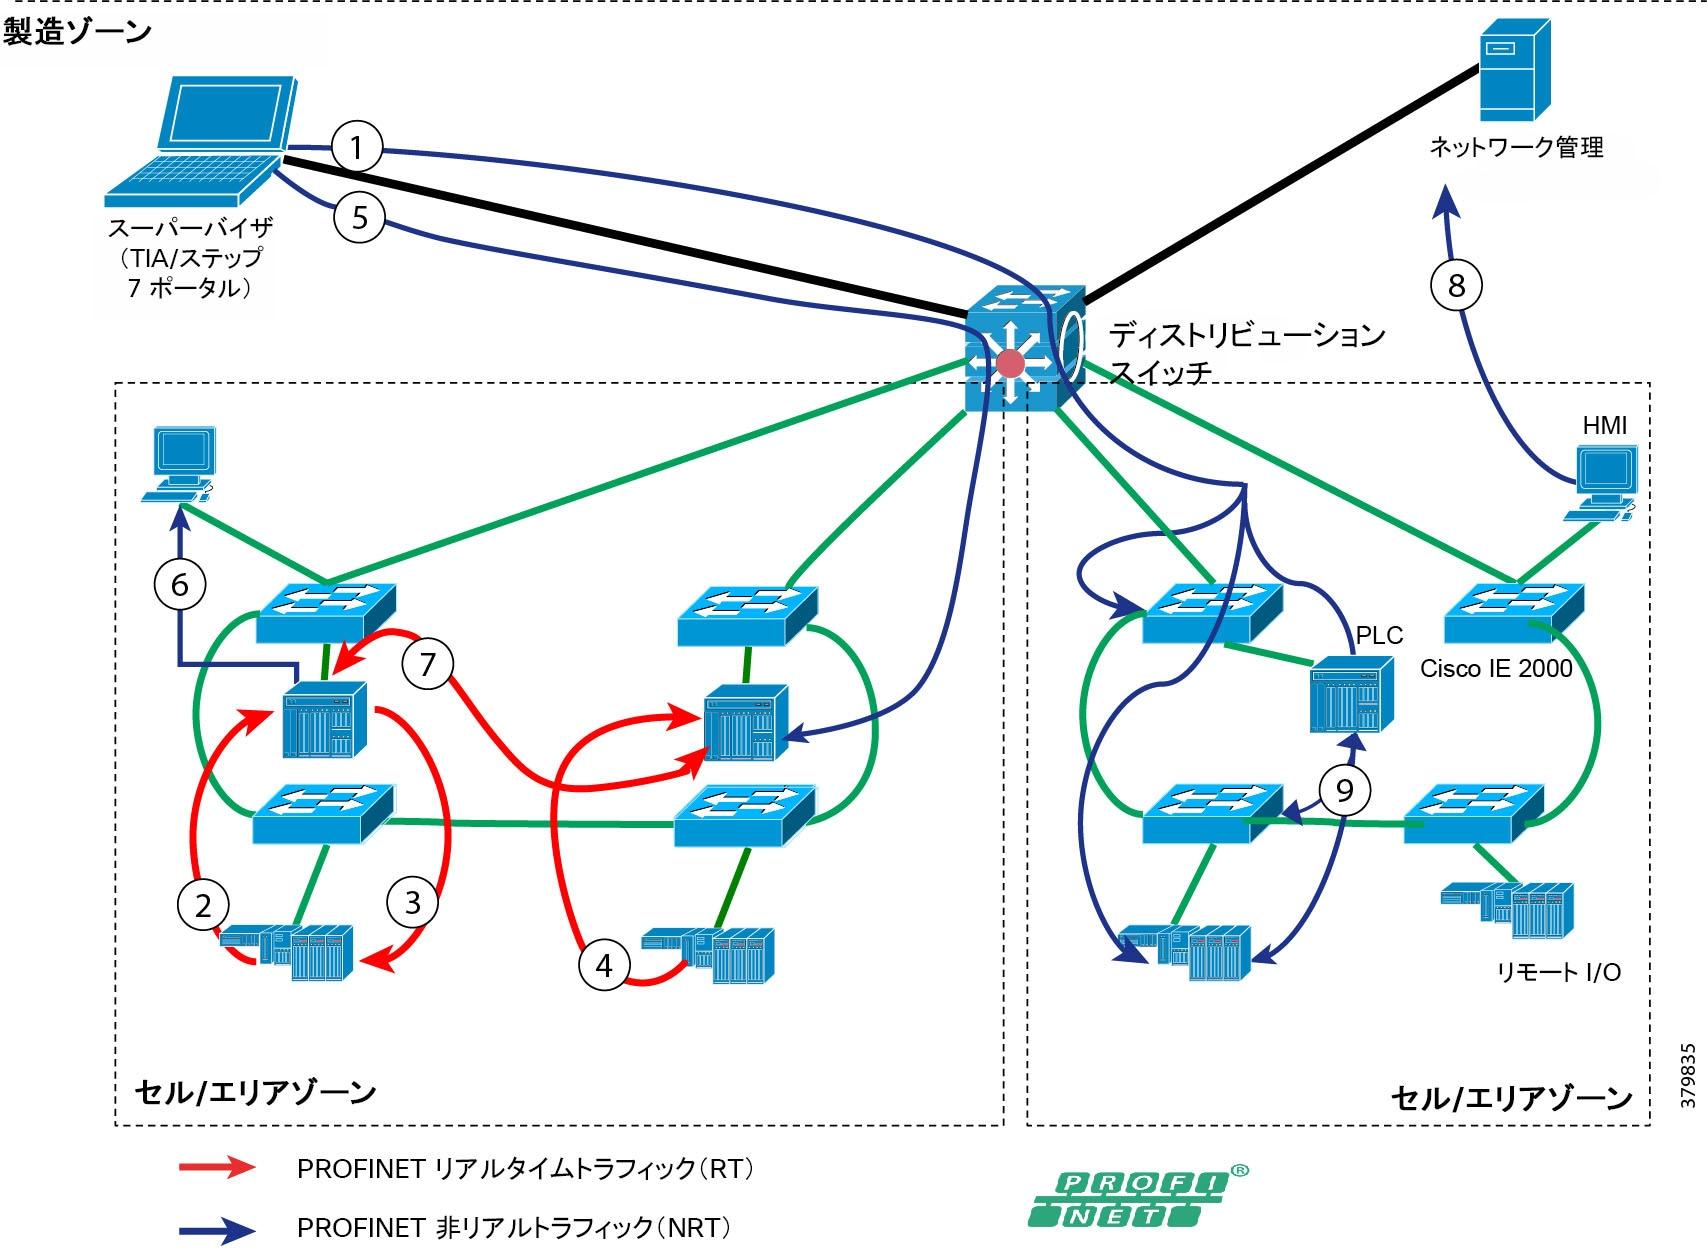 産業用オートメーション環境でのネットワーキングとセキュリティ ...